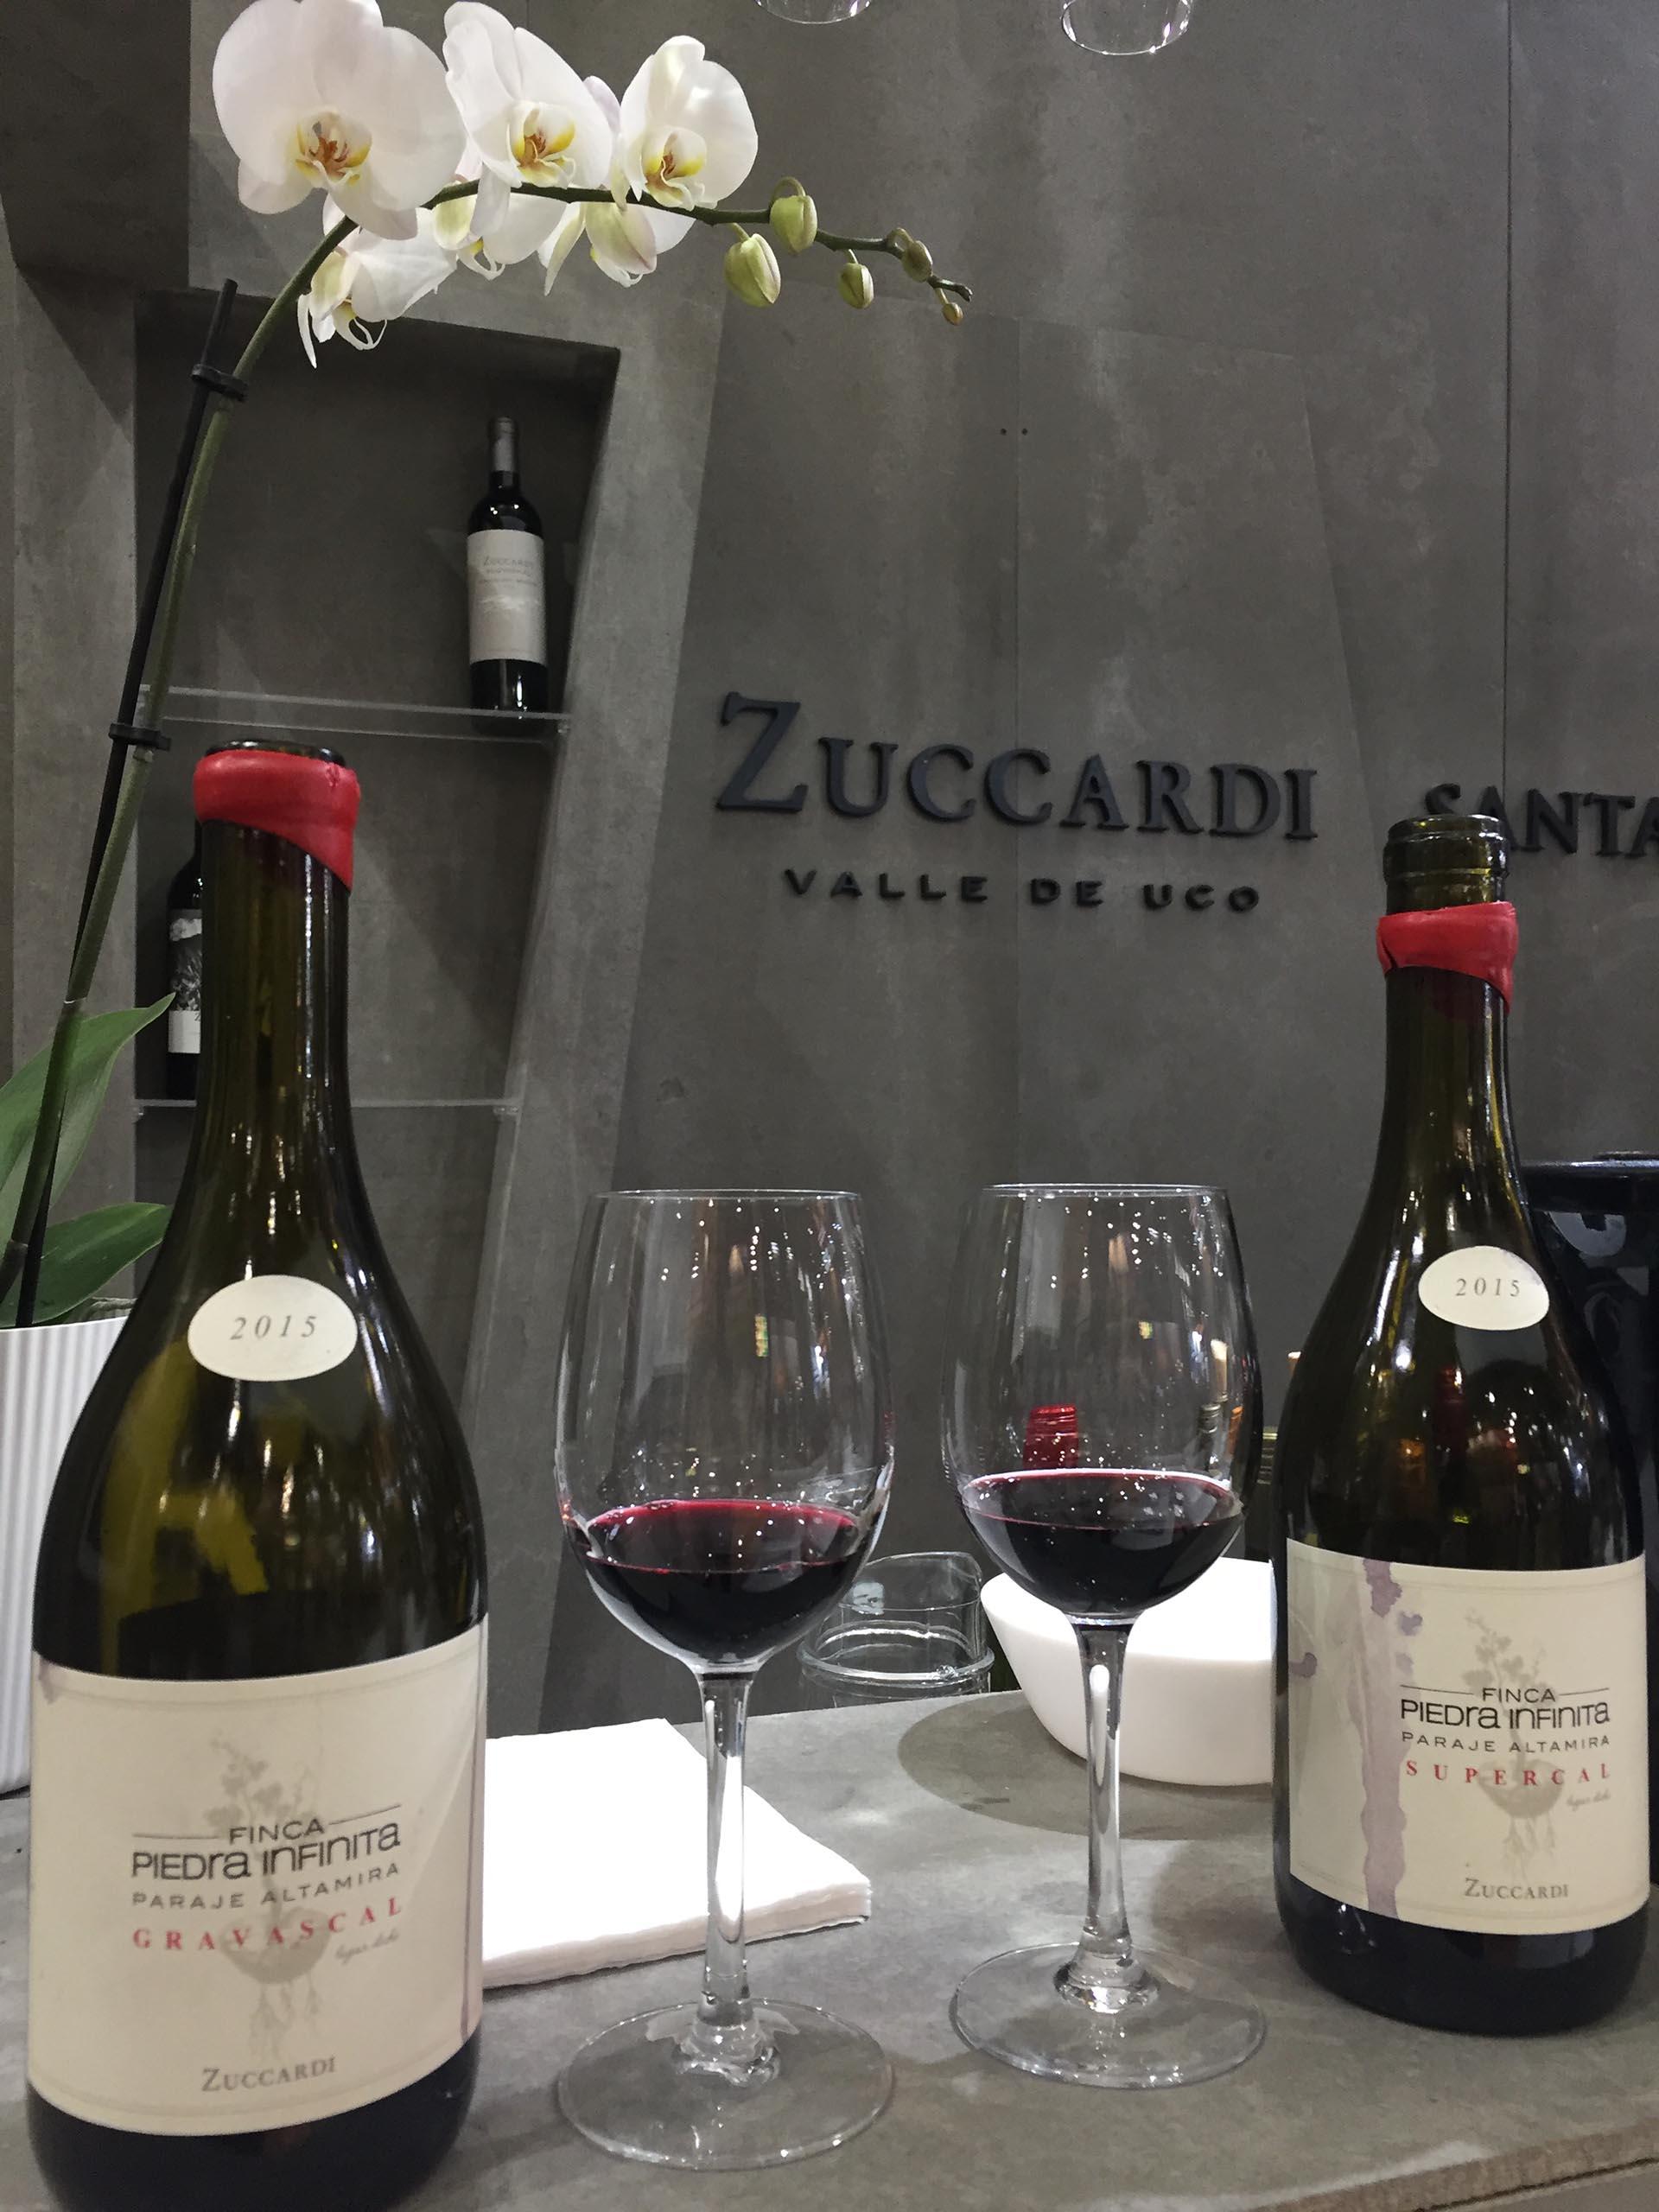 """""""Argentina tiene mucho por crecer, sigue siendo así, a pesar de la coyuntura difícil. Nunca estuvimos mejor en vinos, con calidad y claridad en donde posicionarnos"""", dijo José Alberto Zuccardi."""